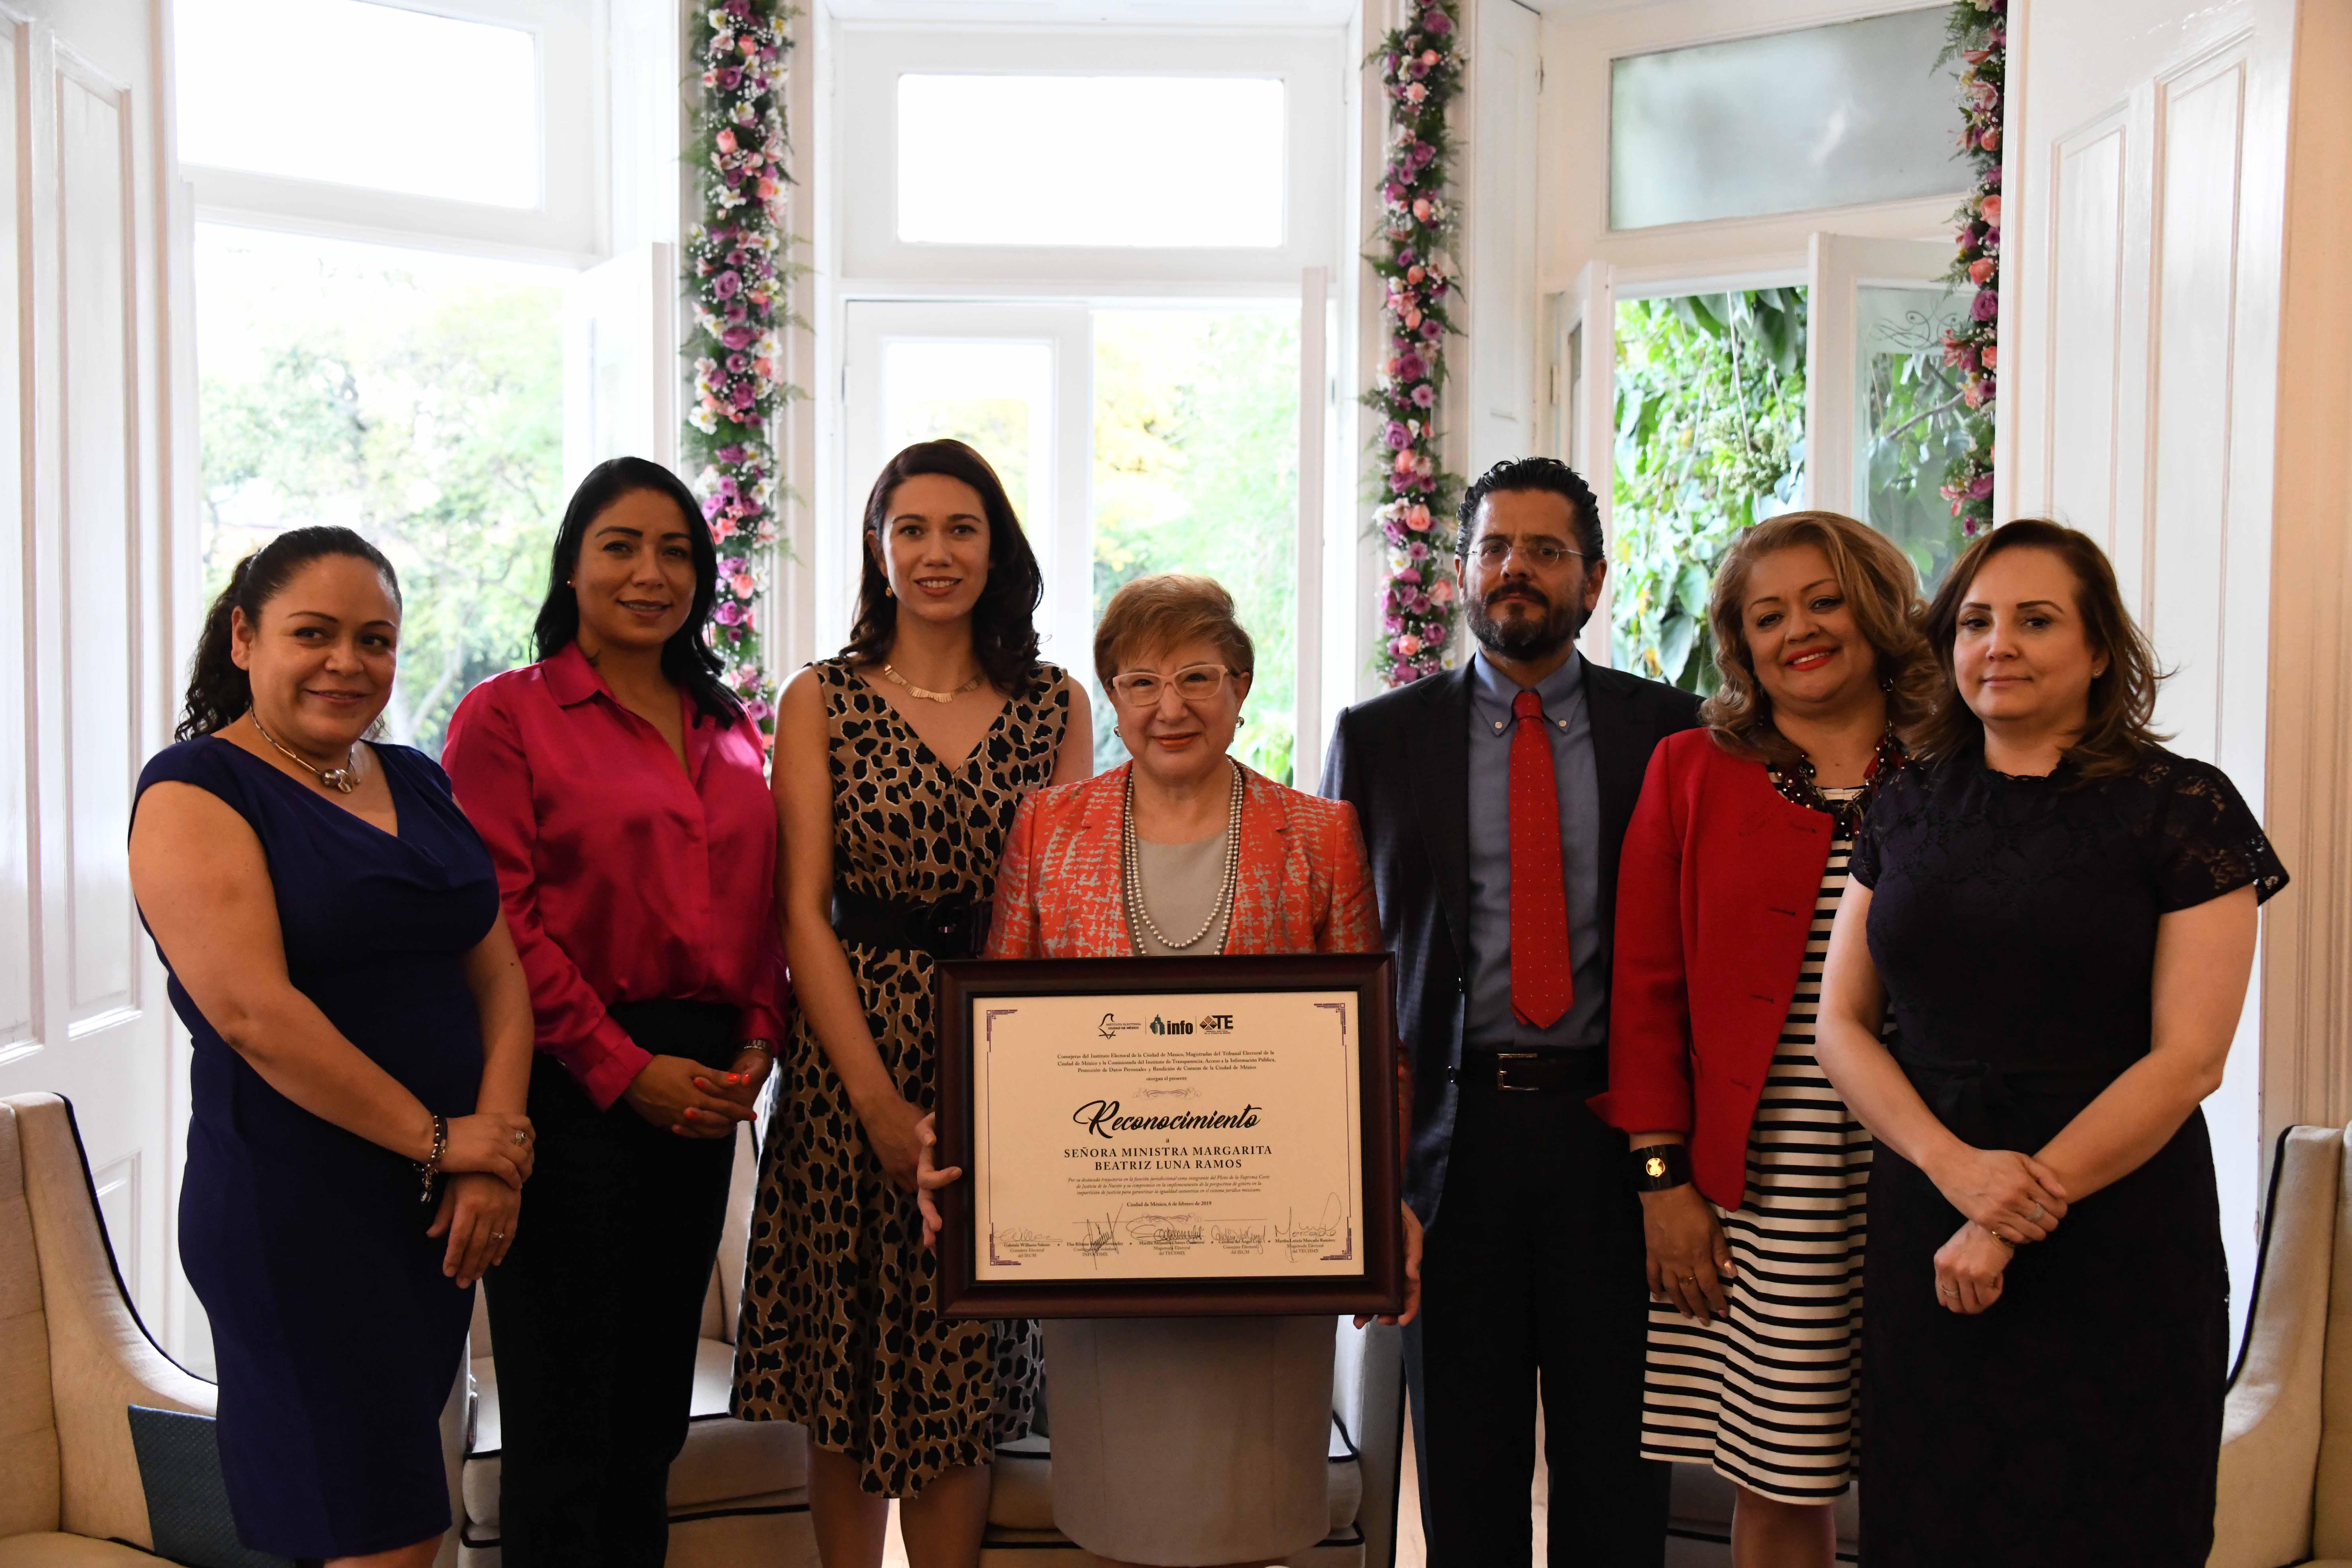 Rinden homenaje a la Ministra de la SCJN, Margarita Beatriz Luna Ramos, por su trayectoria profesional